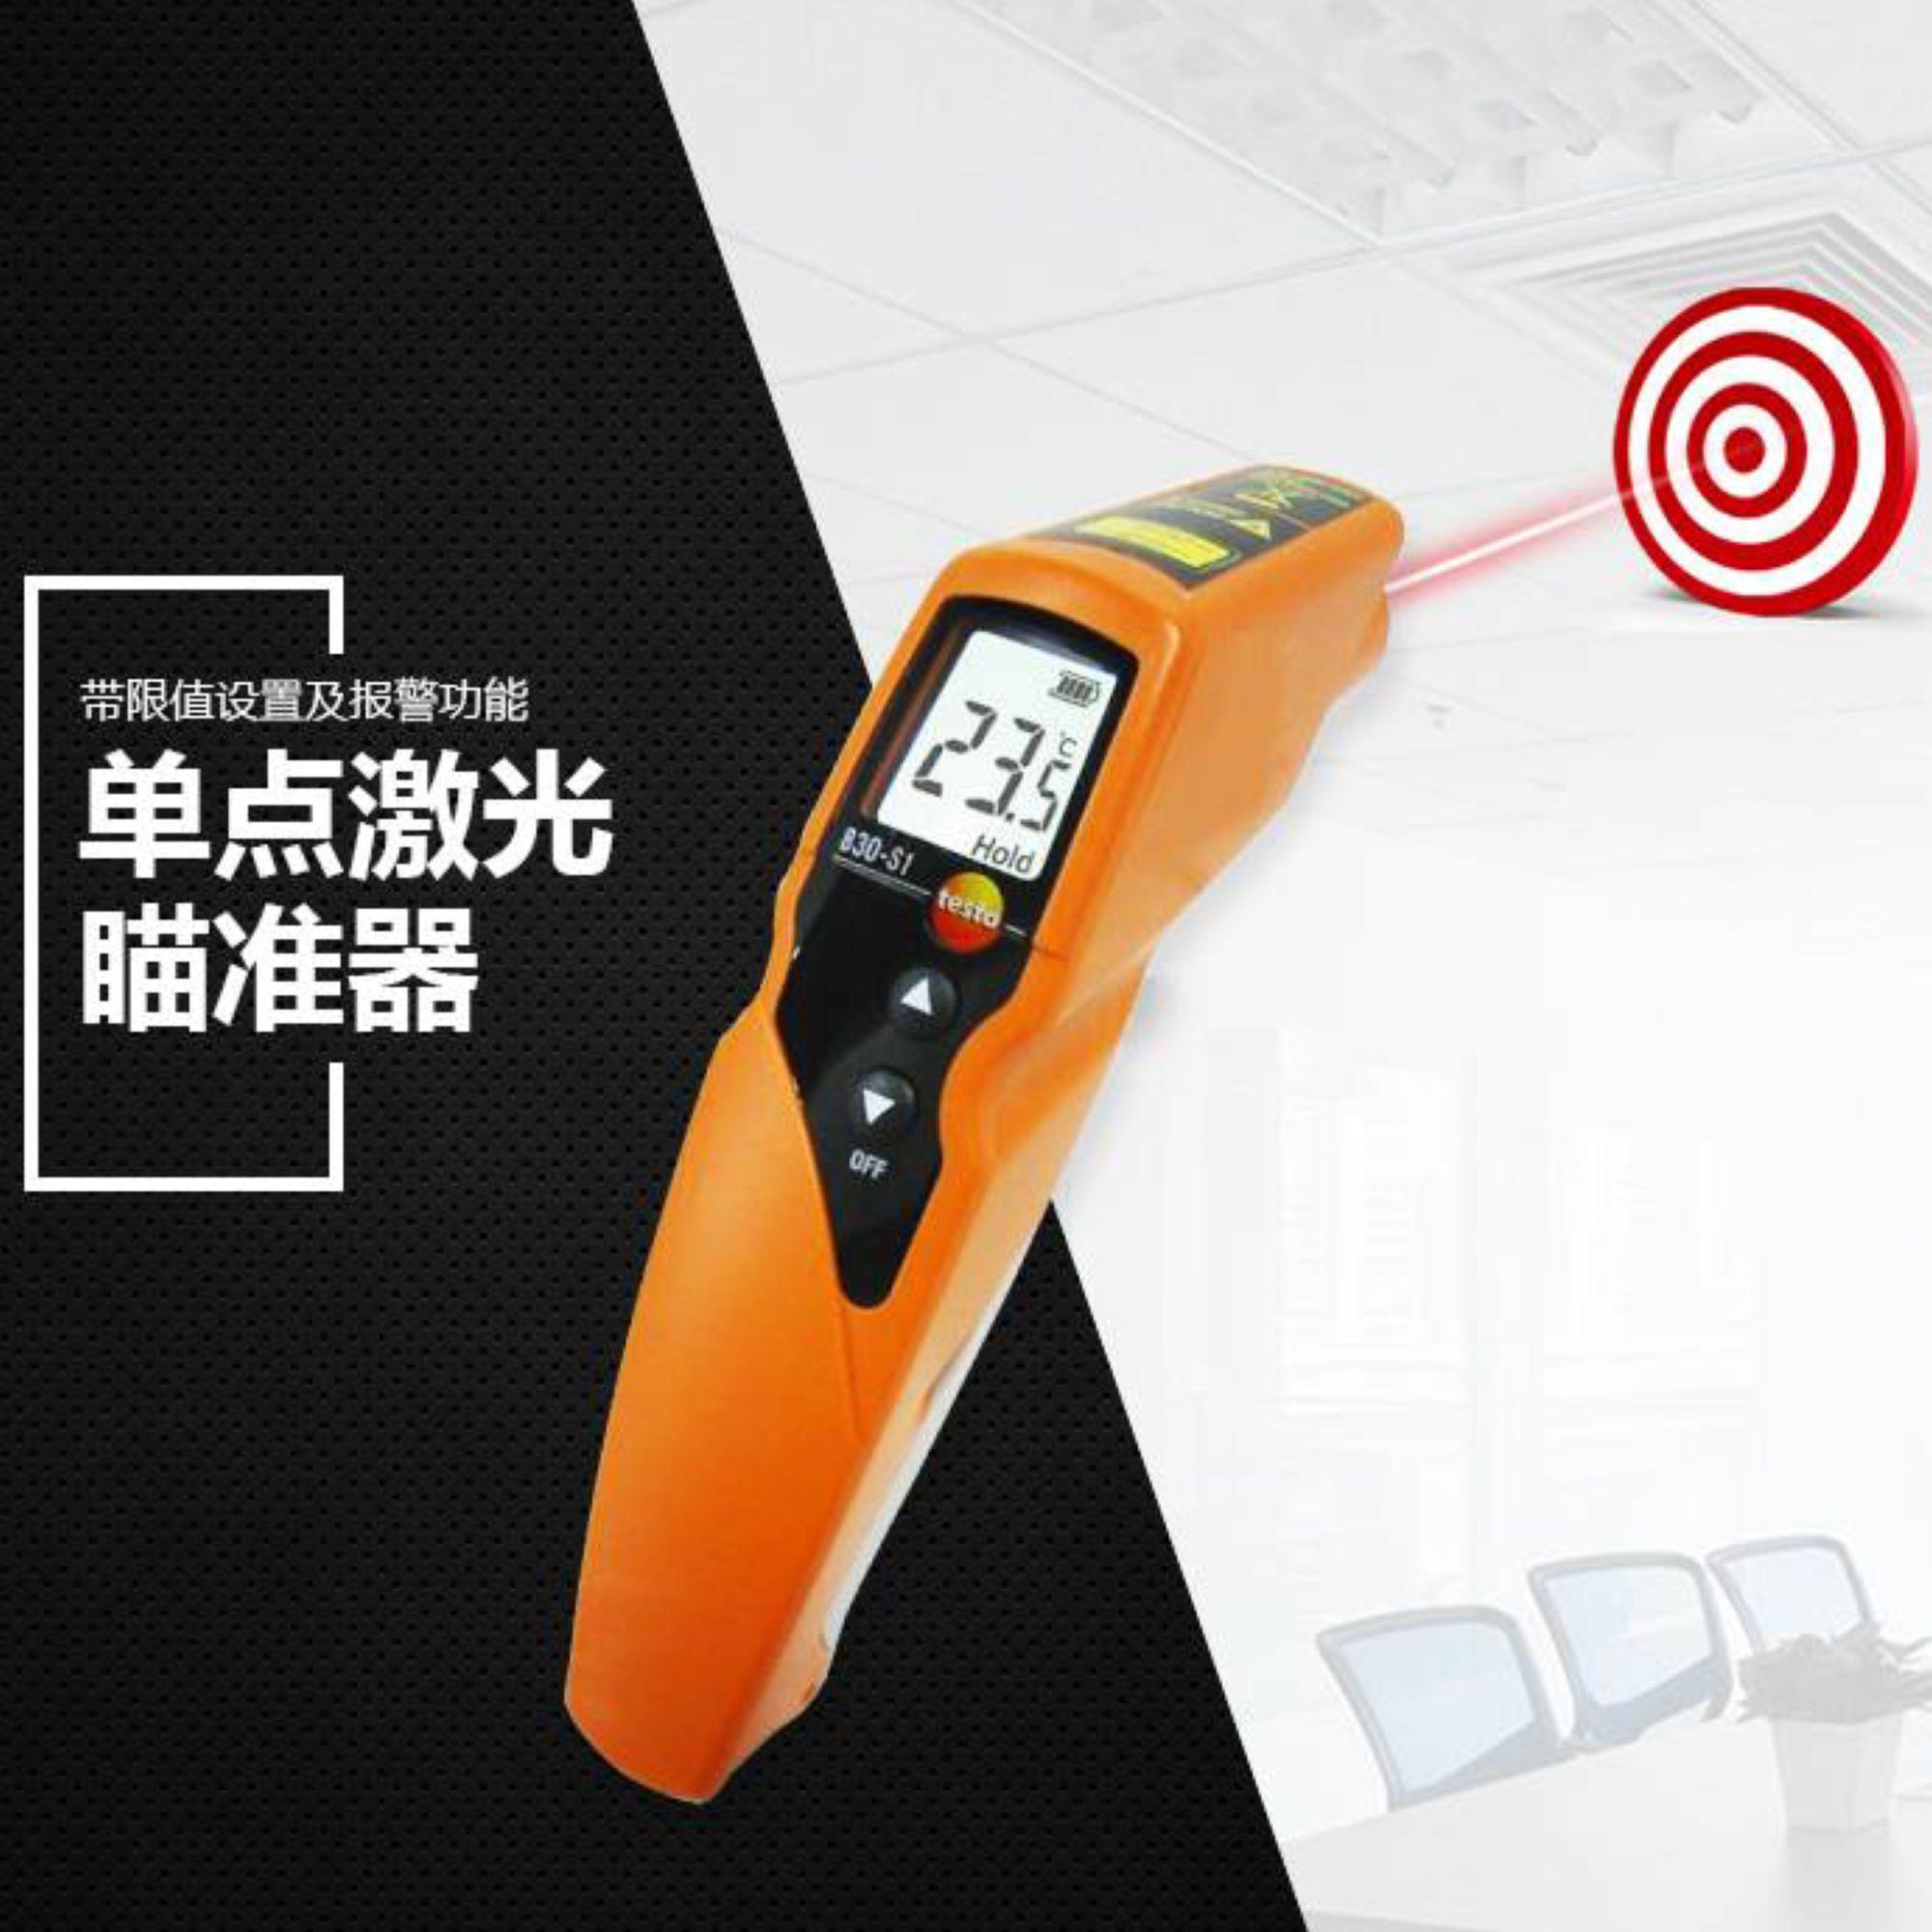 <h3>返程高峰疫情防控紧迫,红外测温仪实现快速体温筛查</h3>